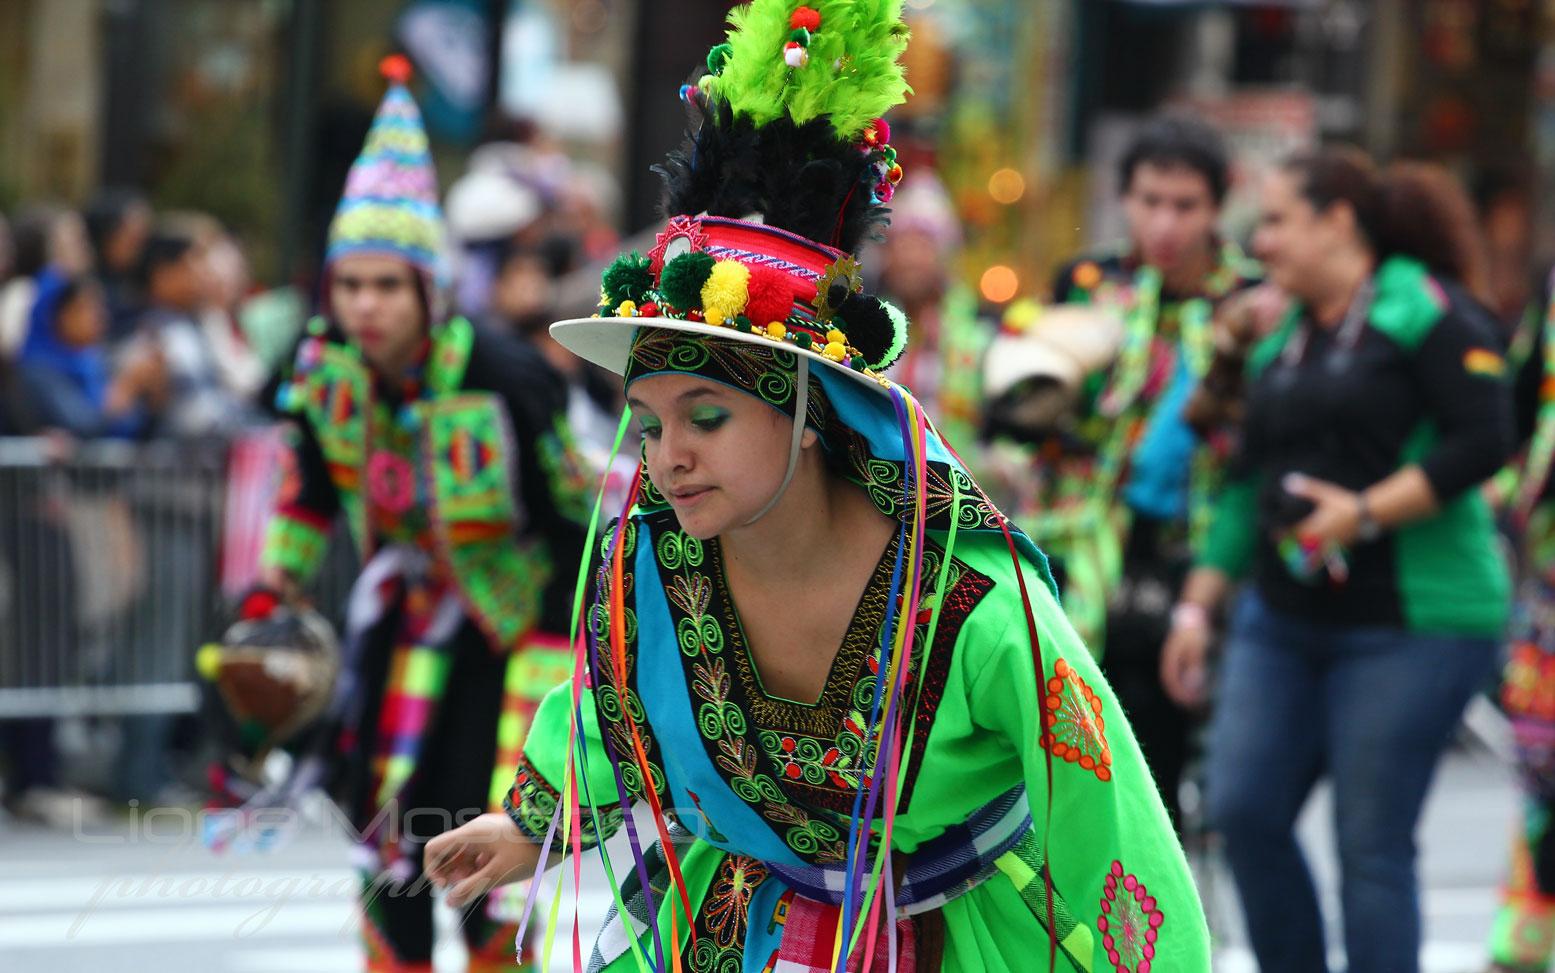 danzas bolivianas chicas danza tinku